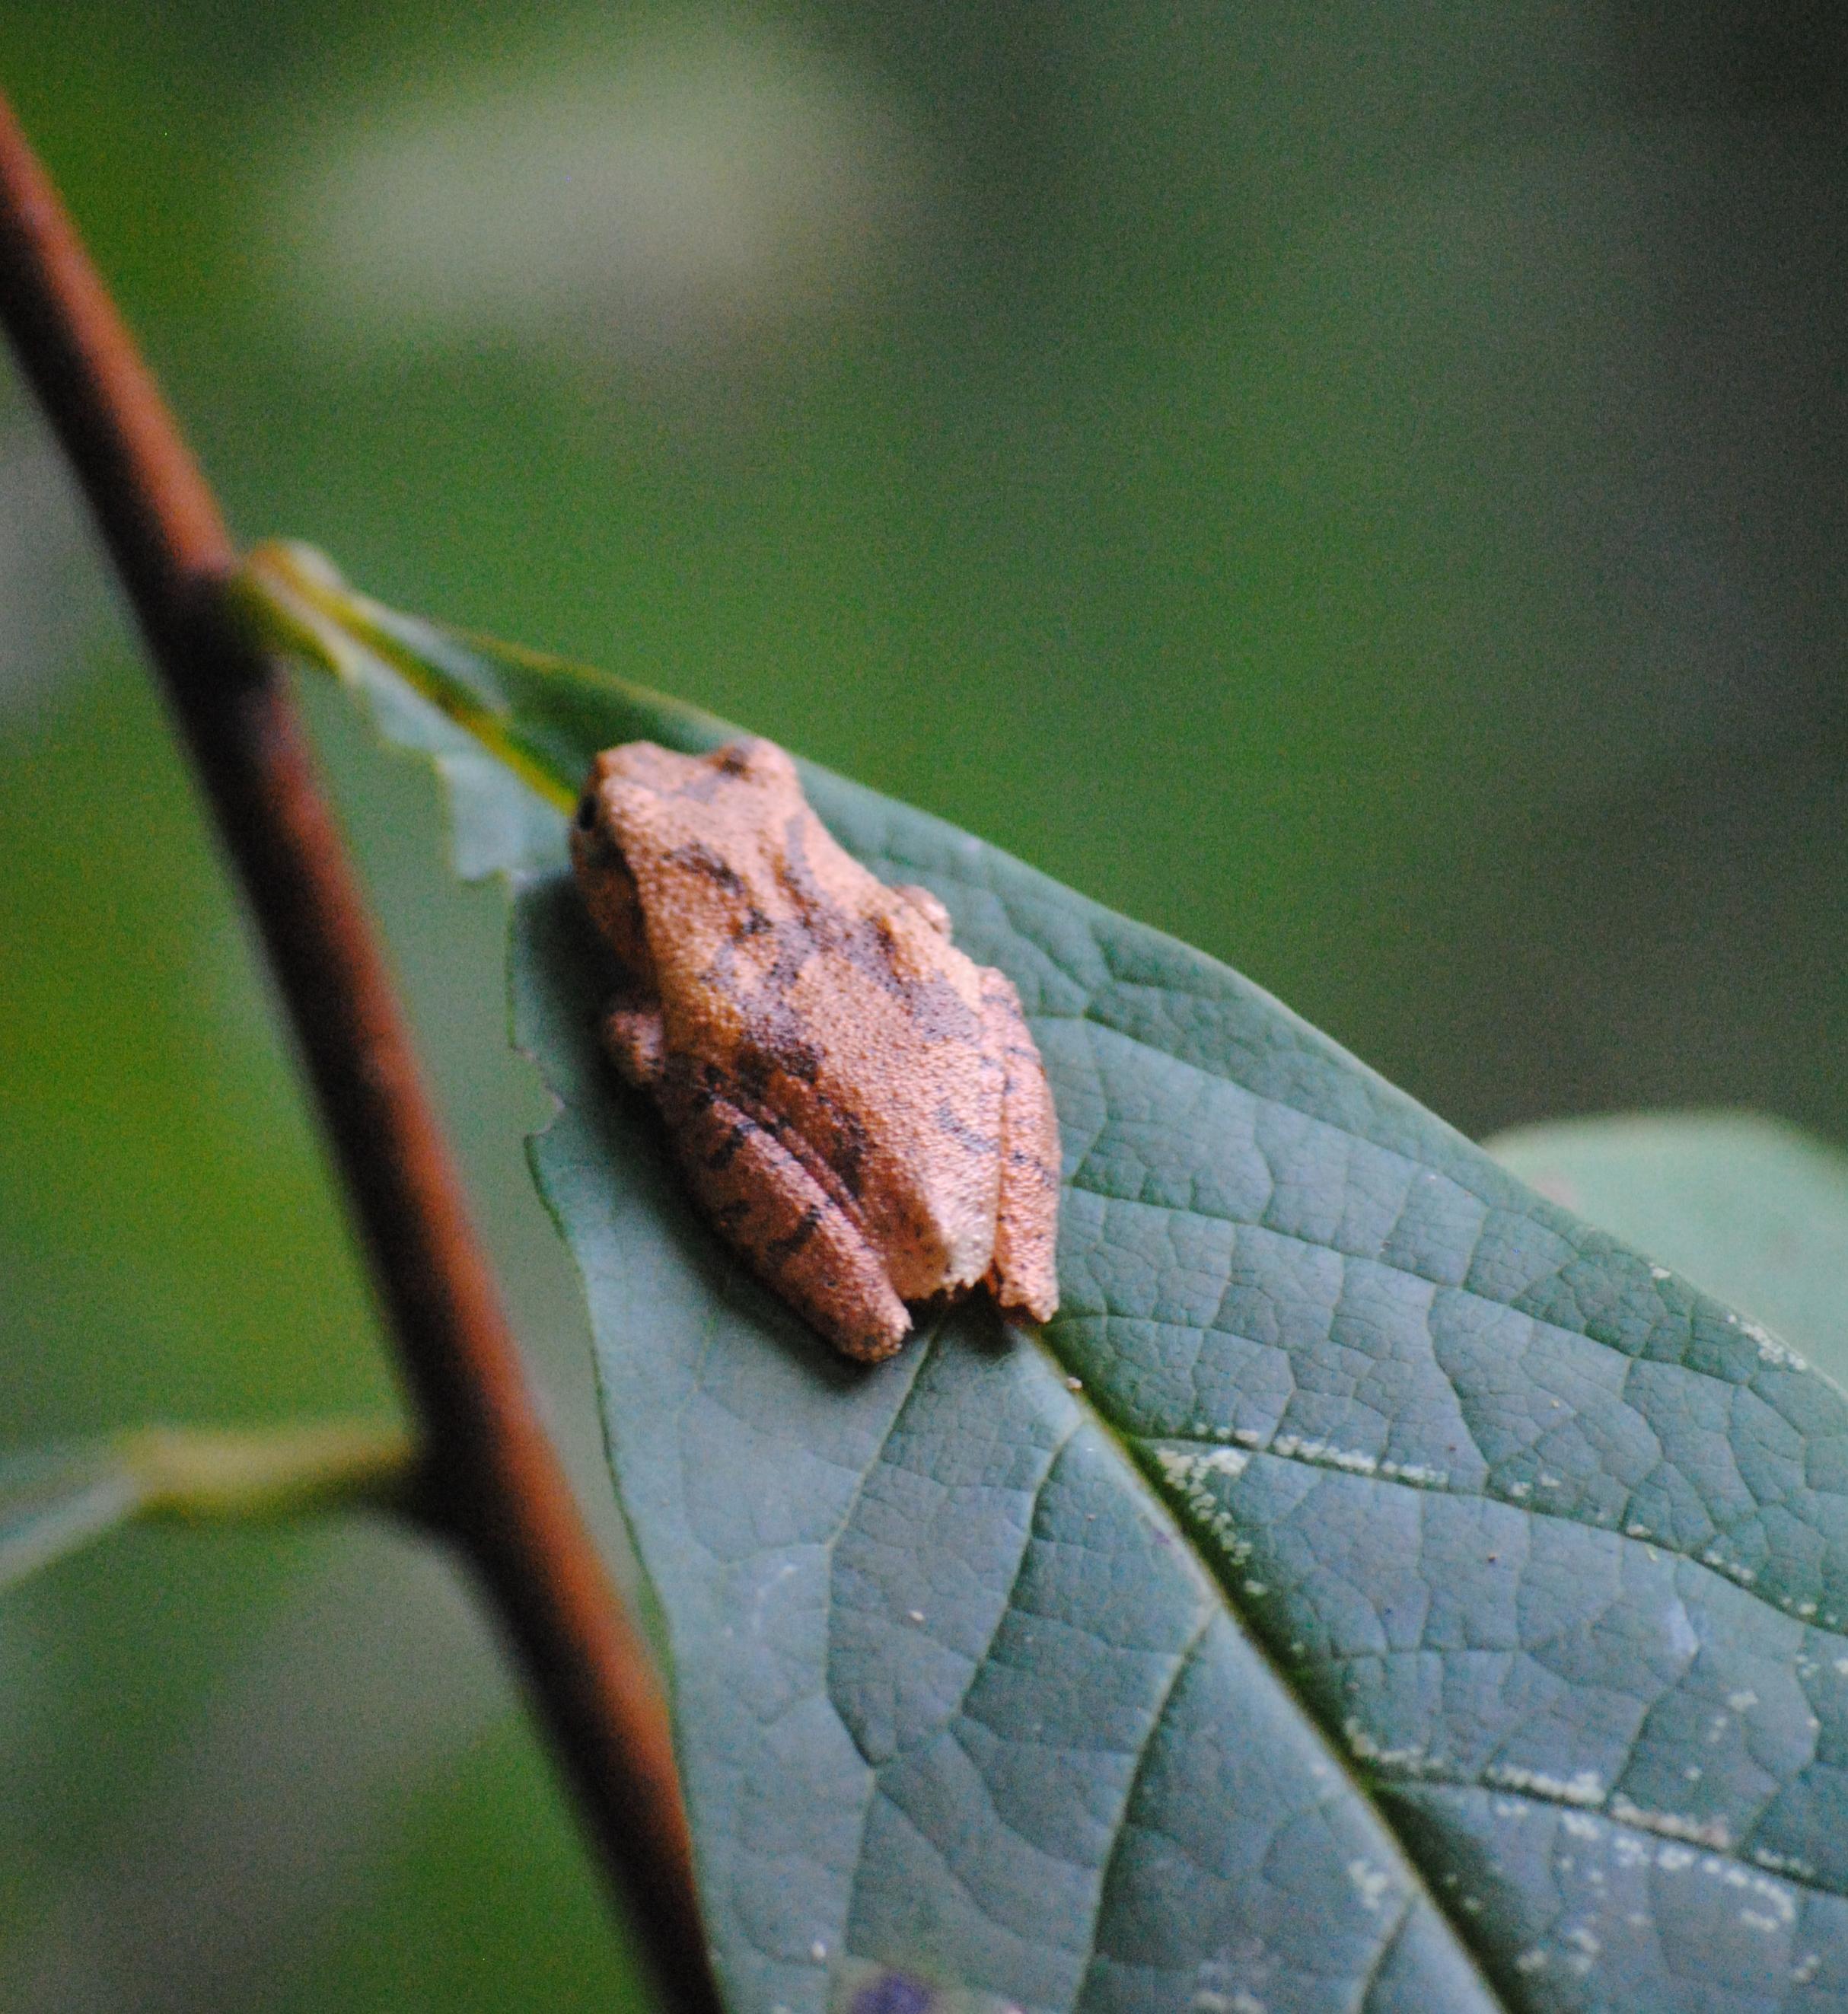 On a pawpaw tree leaf.